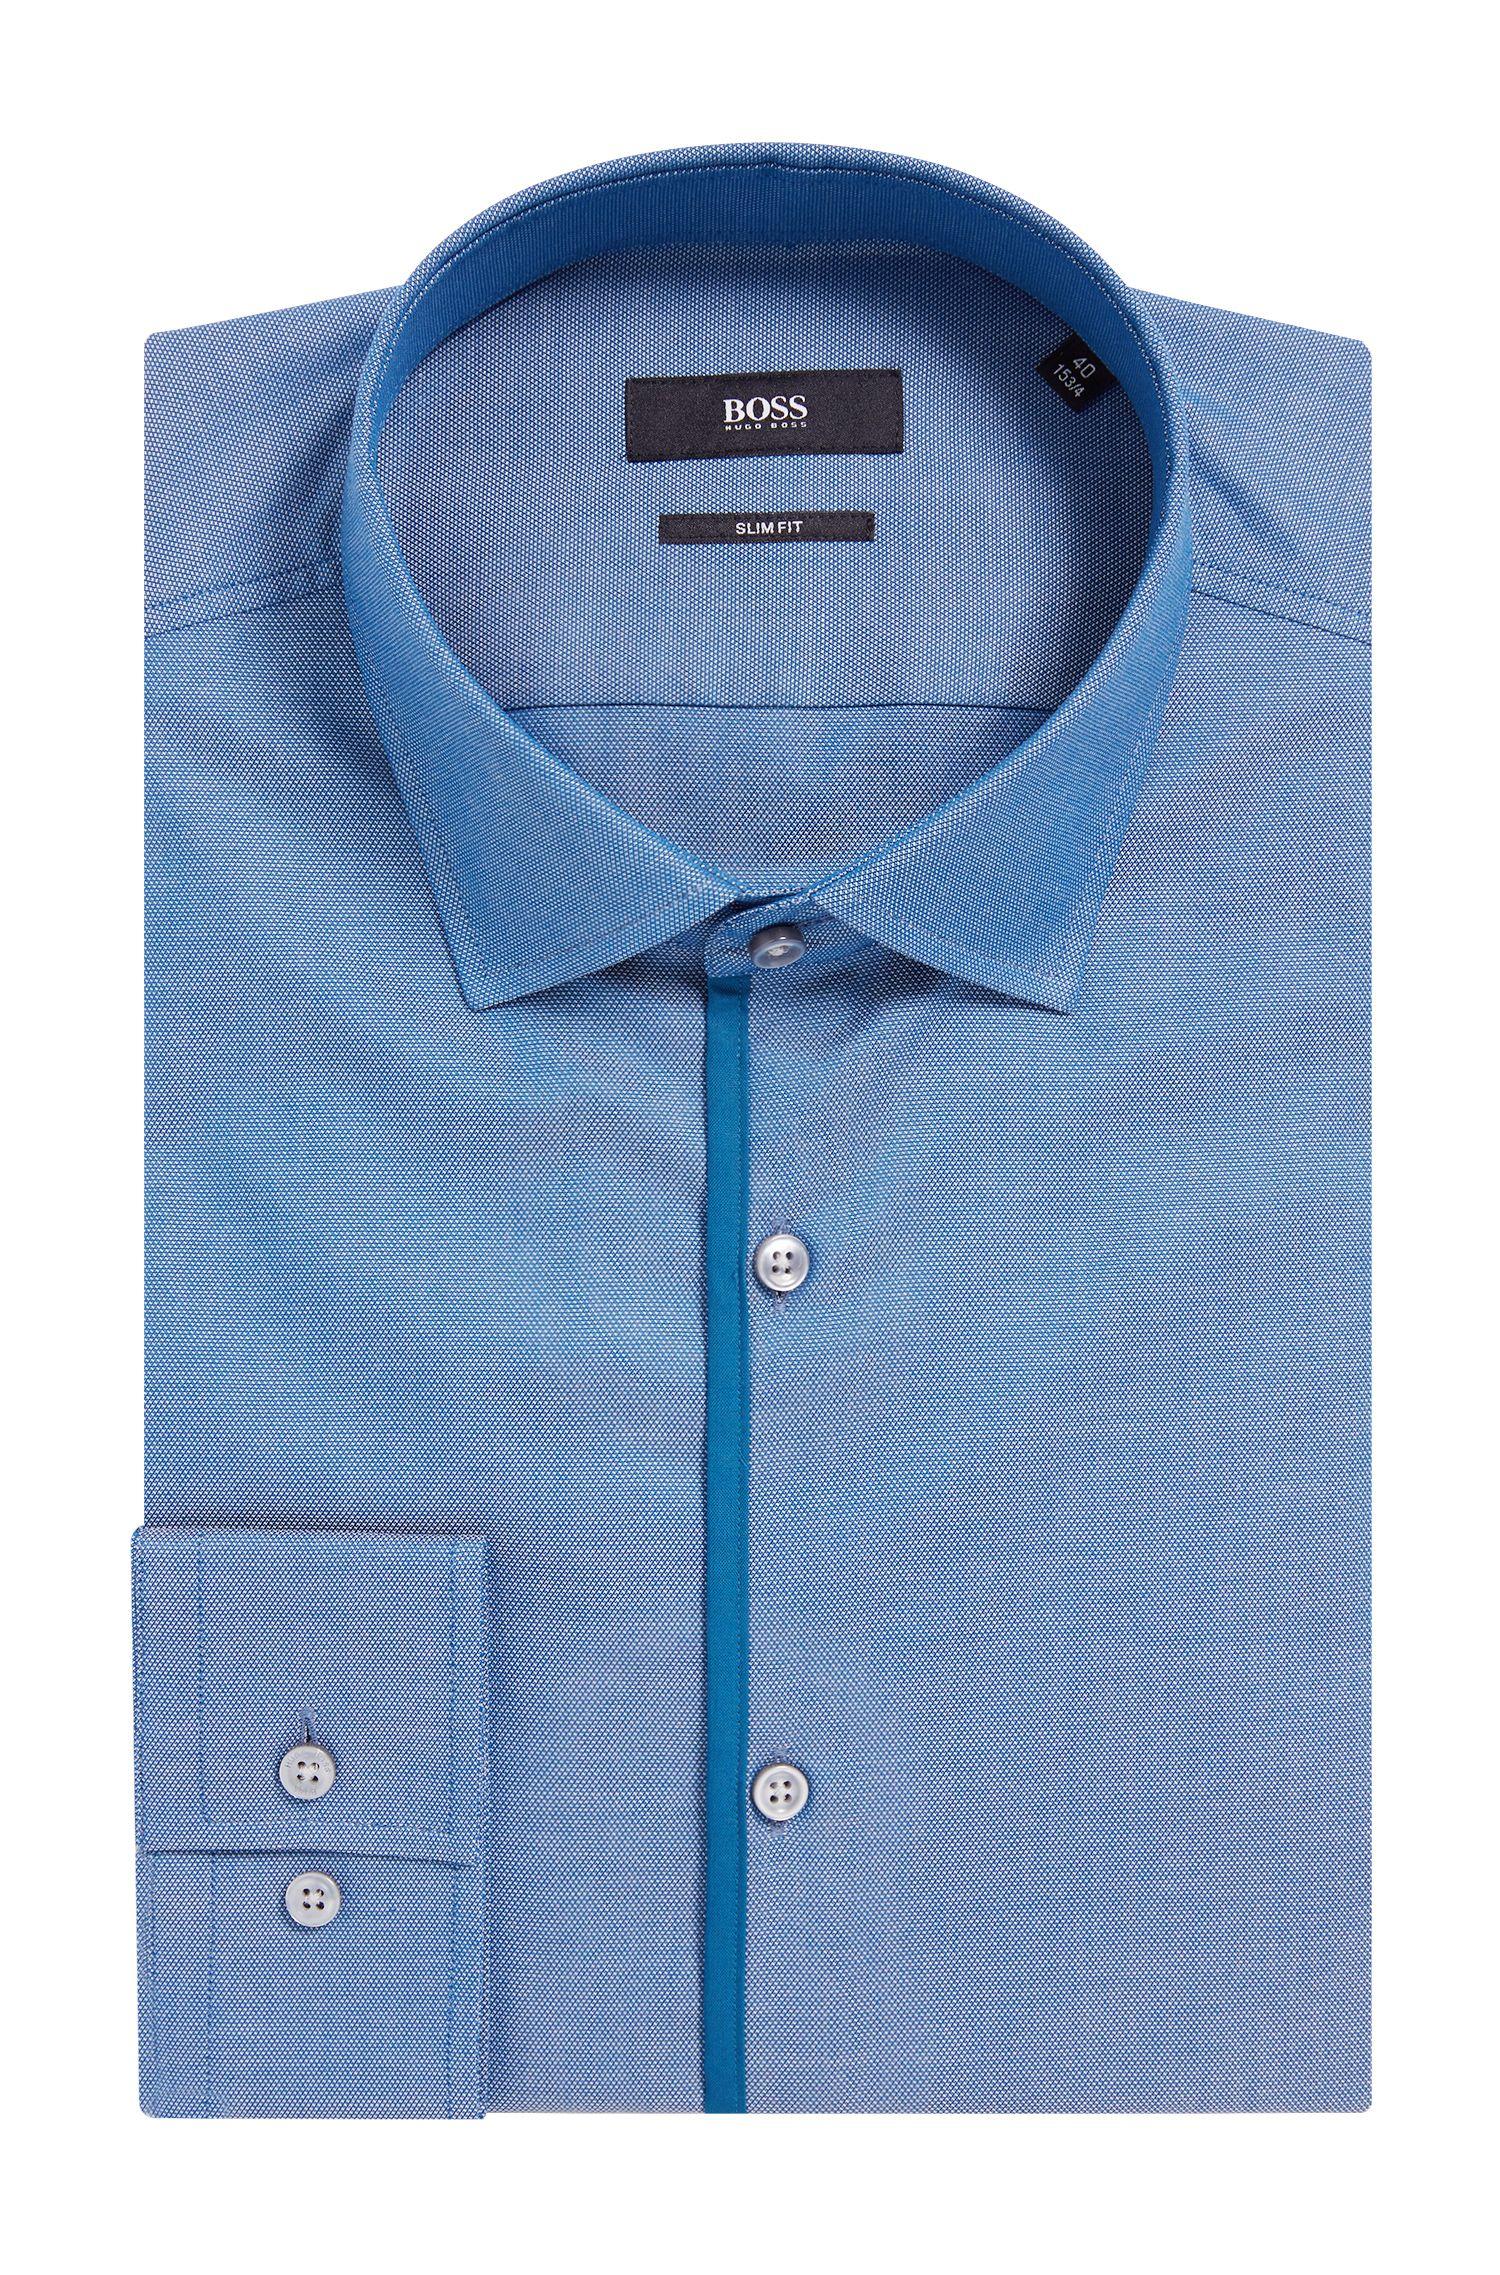 'Jeldrik' | Slim Fit, Royal Oxford Cotton Dress Shirt